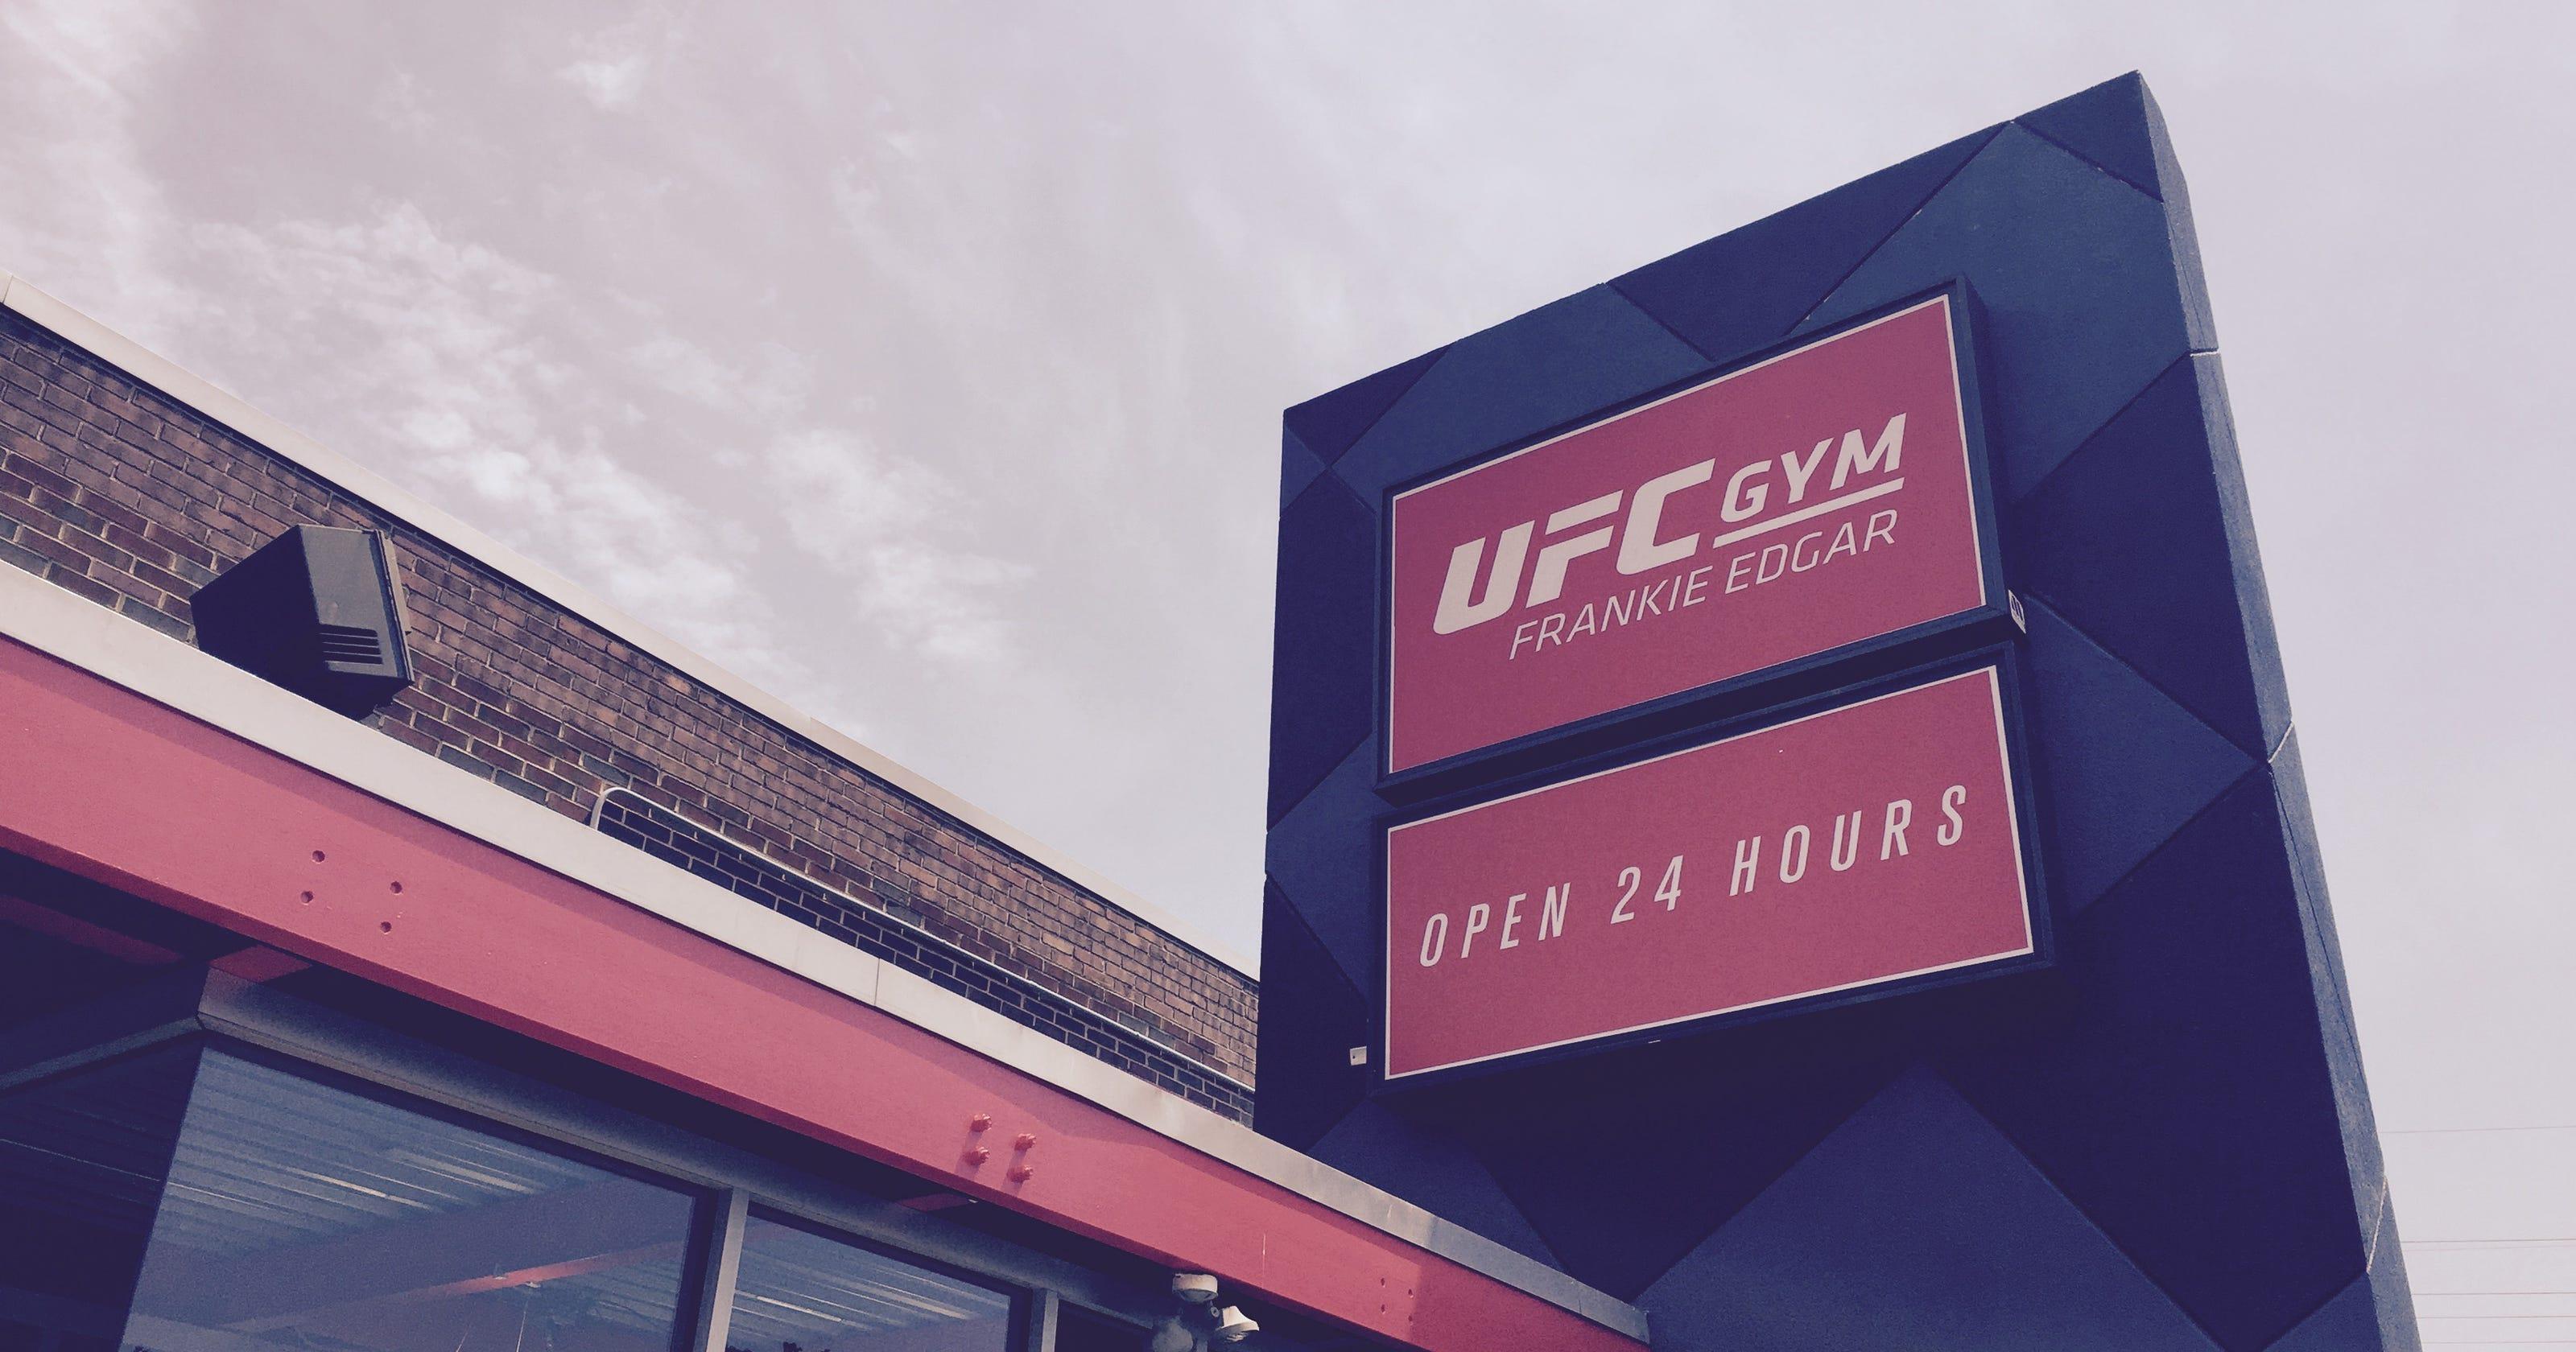 Frankie Edgar opens gym in North Brunswick